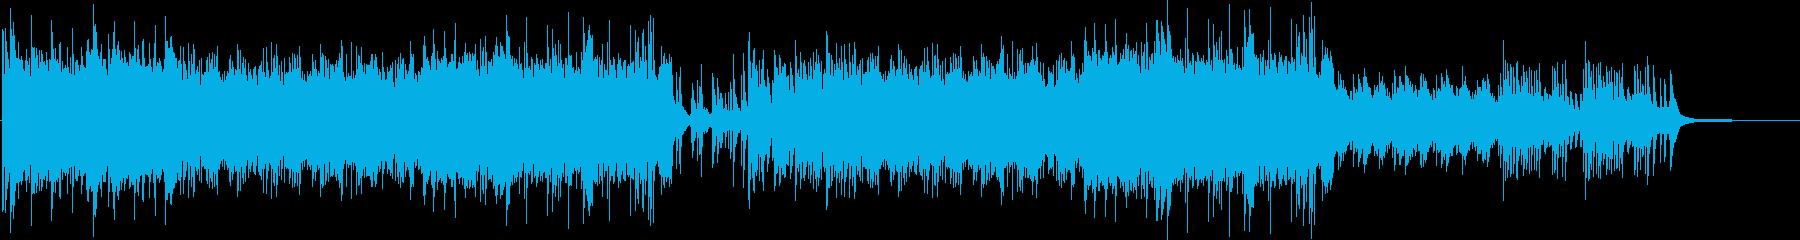 ピアノと弦楽器の軽快なインスト曲の再生済みの波形